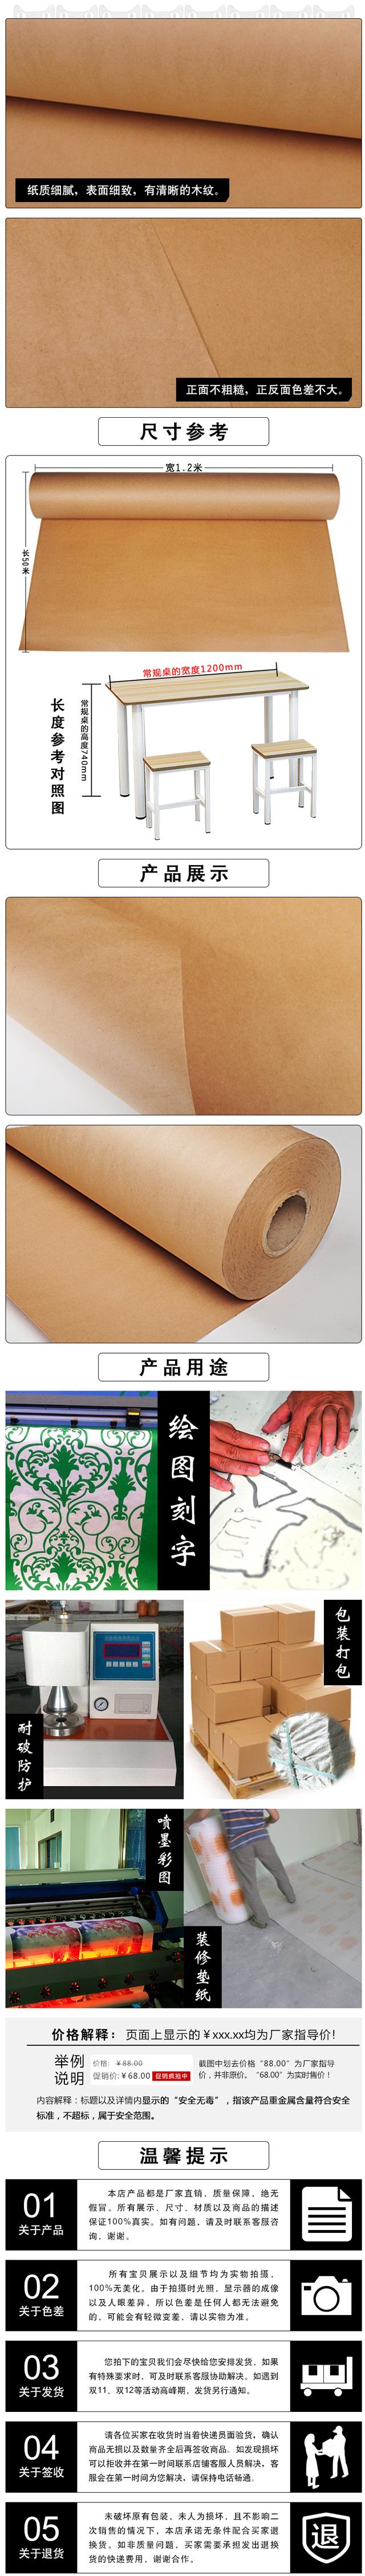 包装纸.jpg